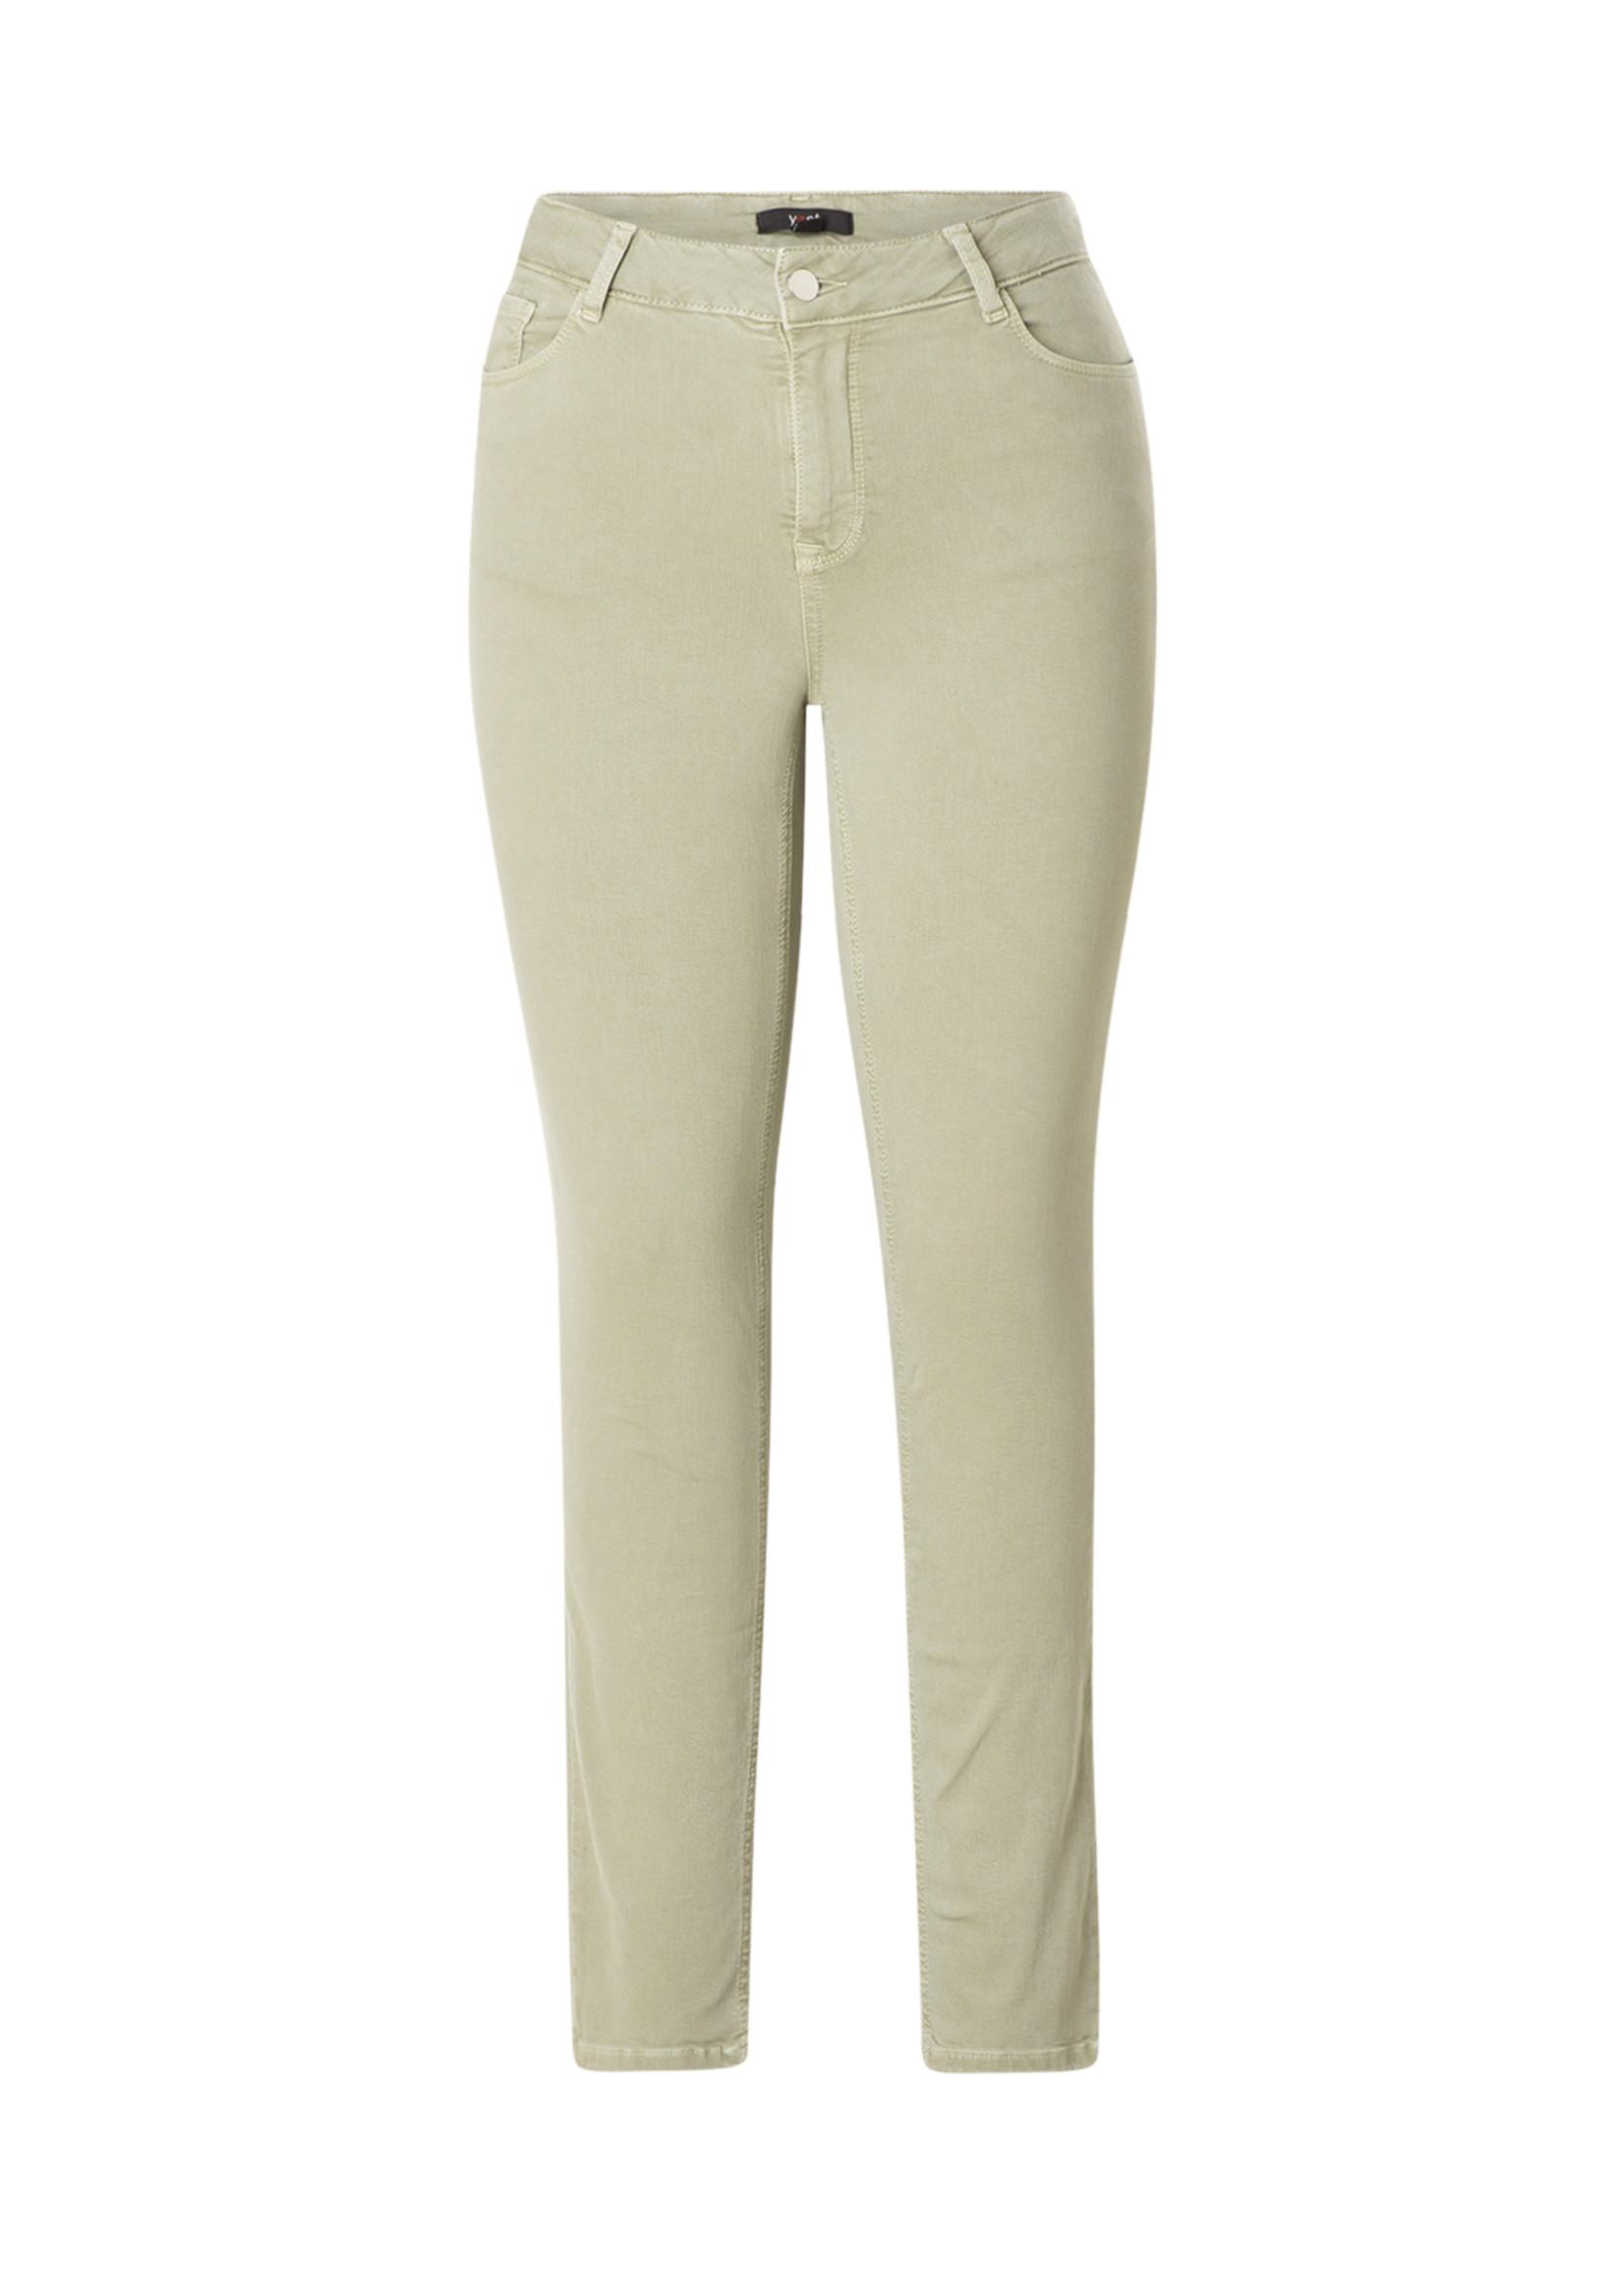 Yesta Yesta Anna Essential Jeans